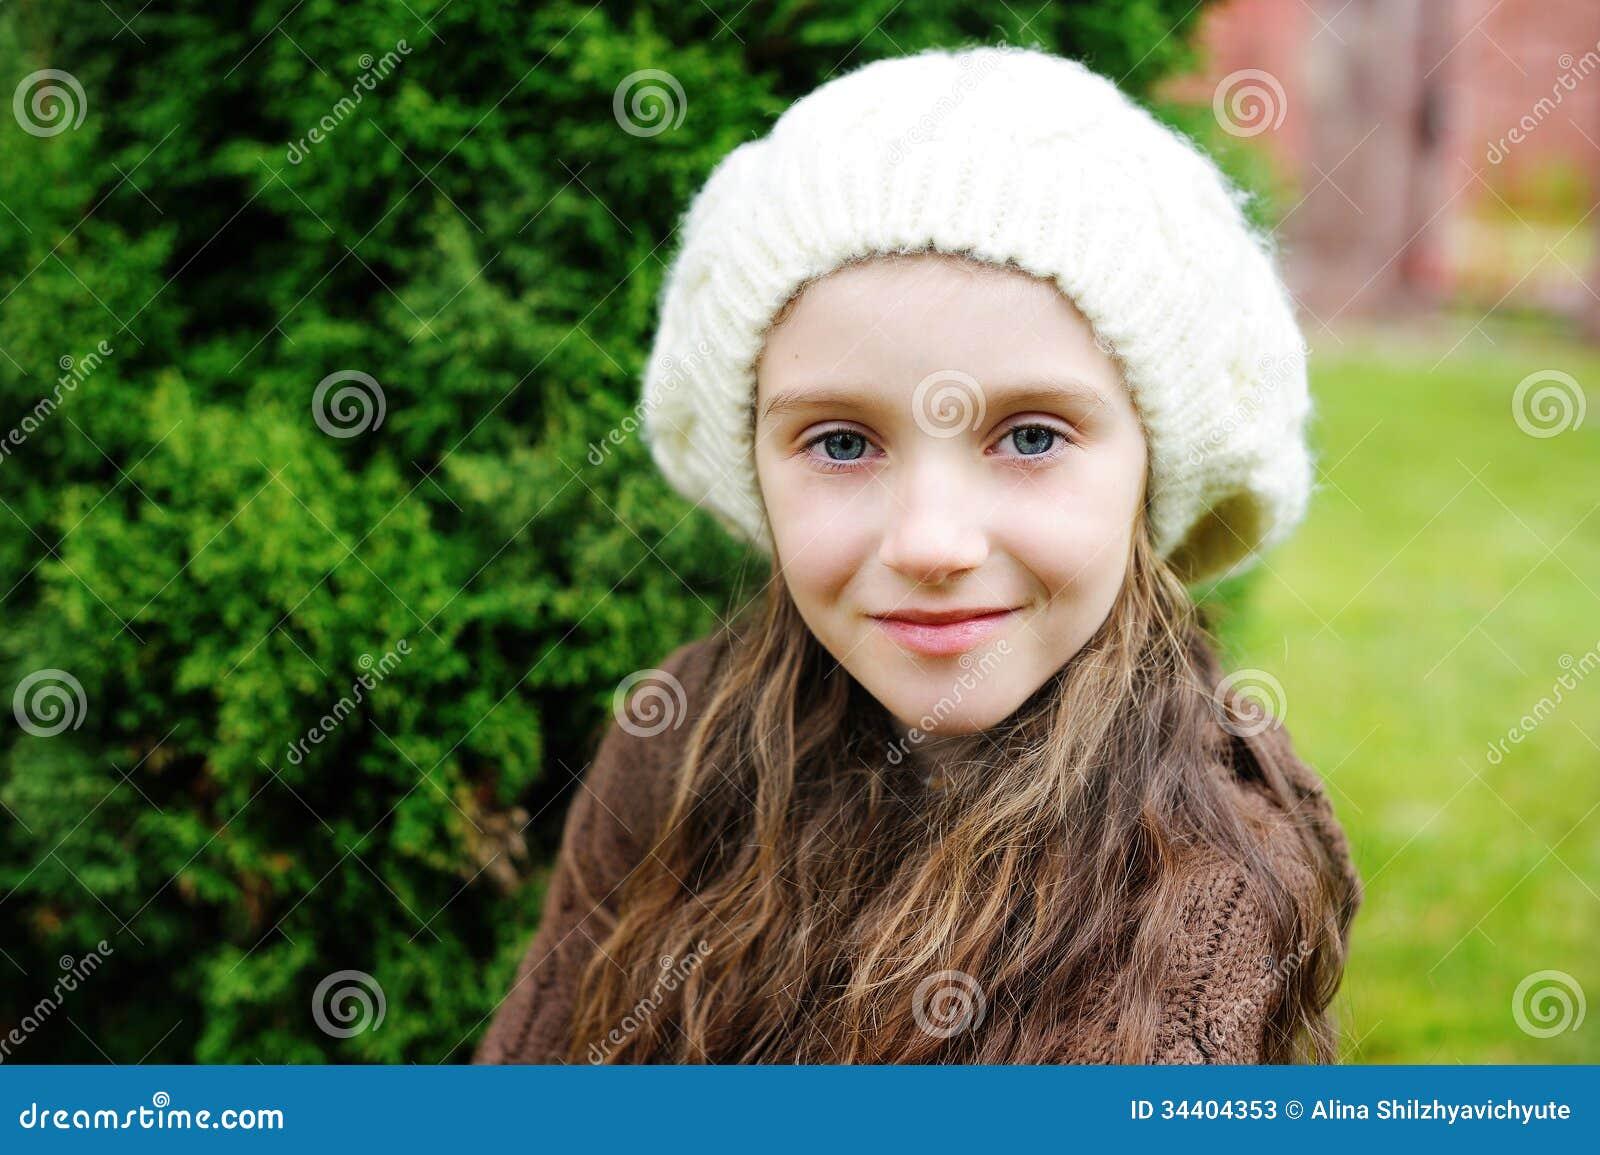 可爱的儿童女孩佩带的白色盖帽特写镜头画象.图片